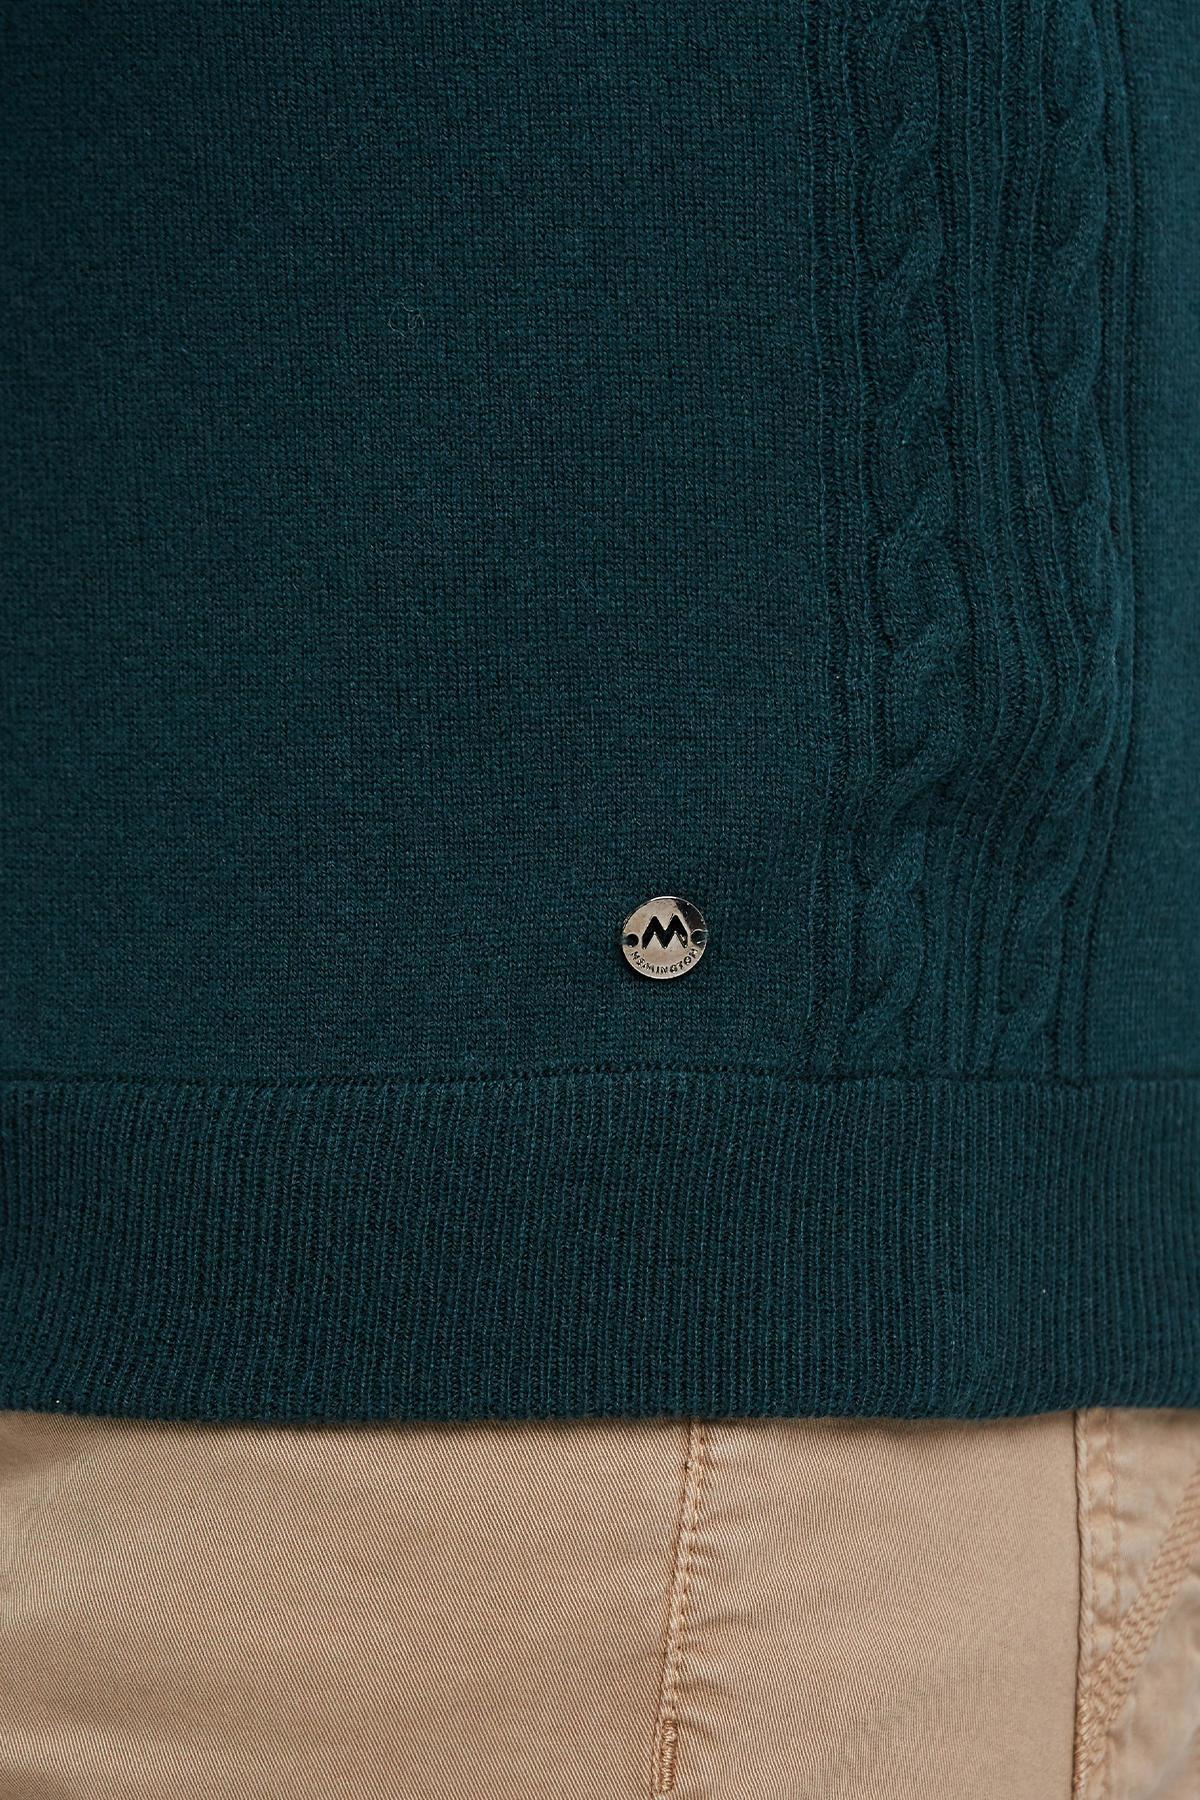 Lambswool Yün Fermuarlı Koyu Yeşil Hırka